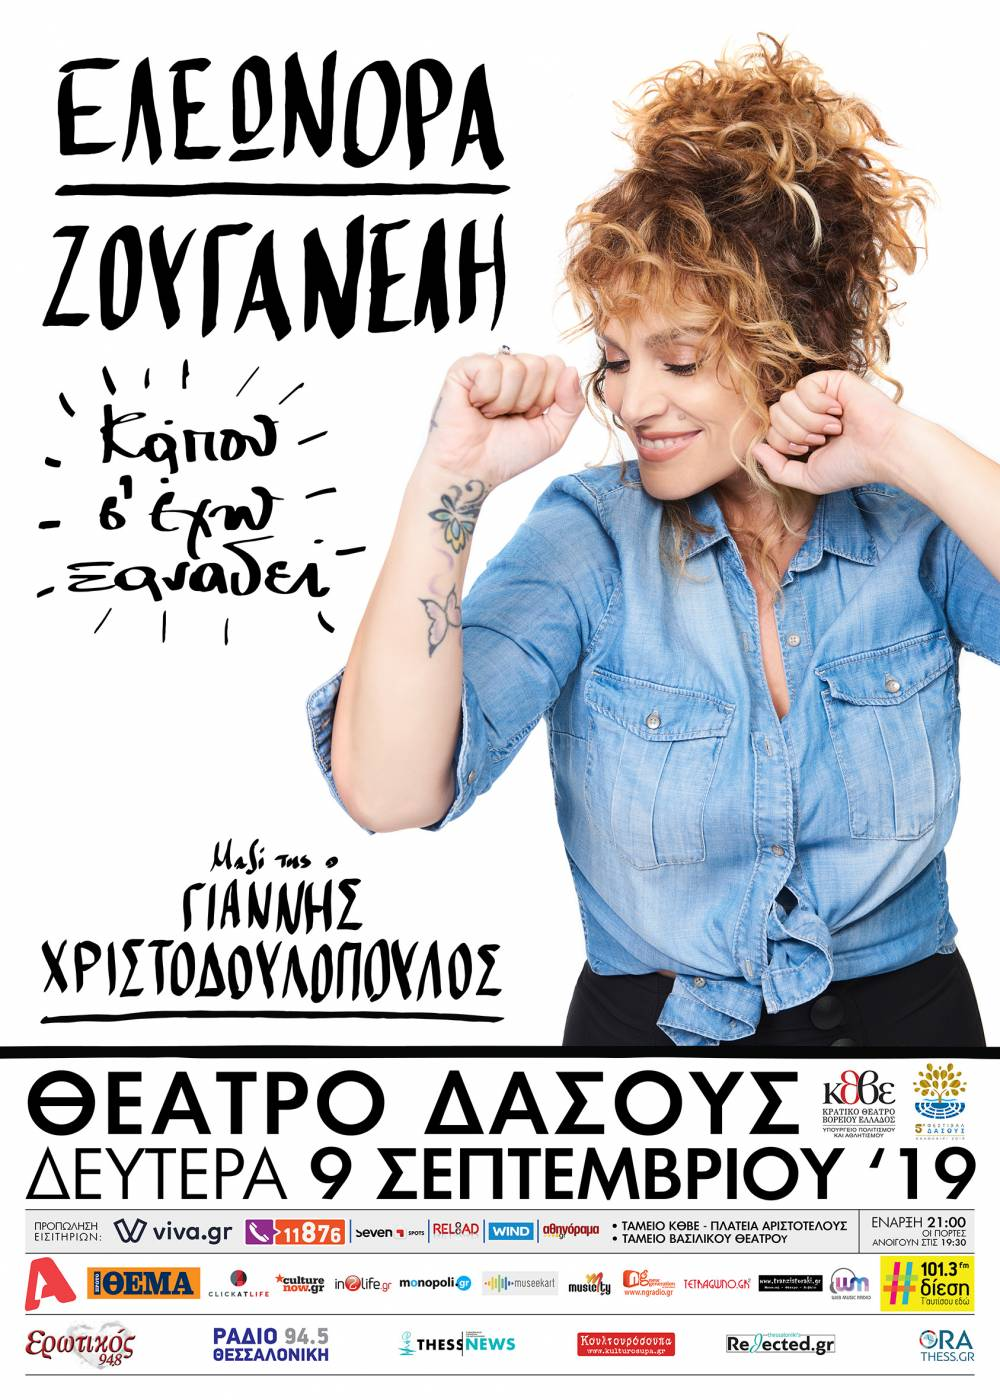 , Ελεωνόρα Ζουγανέλη | Καλοκαιρινή περιοδεία 2019 | «Κάπου σε έχω ξαναδεί» | Δευτέρα 9 Σεπτεμβρίου 2019 στο Θέατρο Δάσους